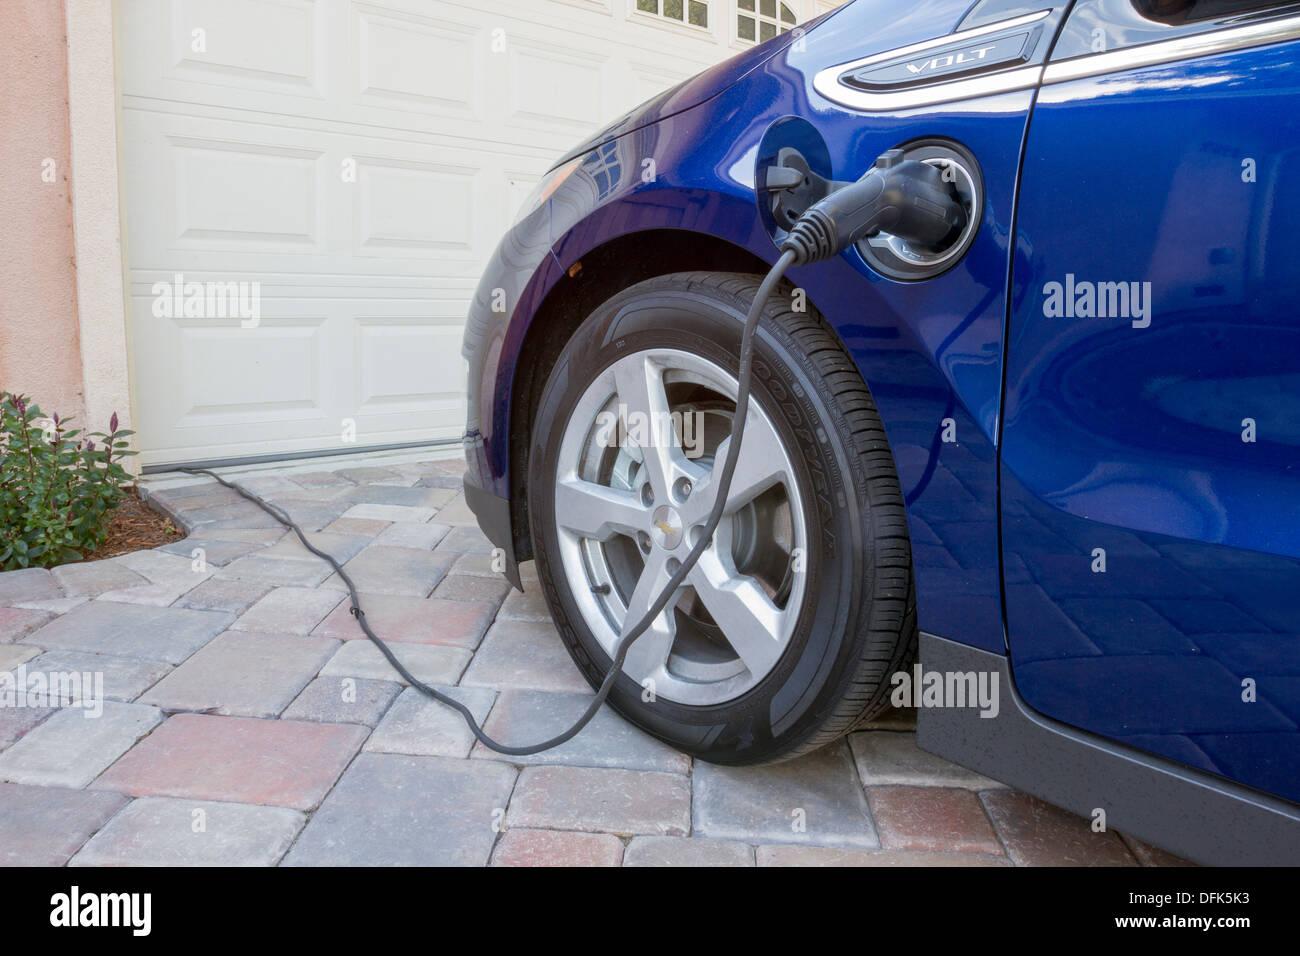 Chevrolet Volt plug-in auto elettrica con il connettore collegato in carica, a casa in un viale di accesso Immagini Stock